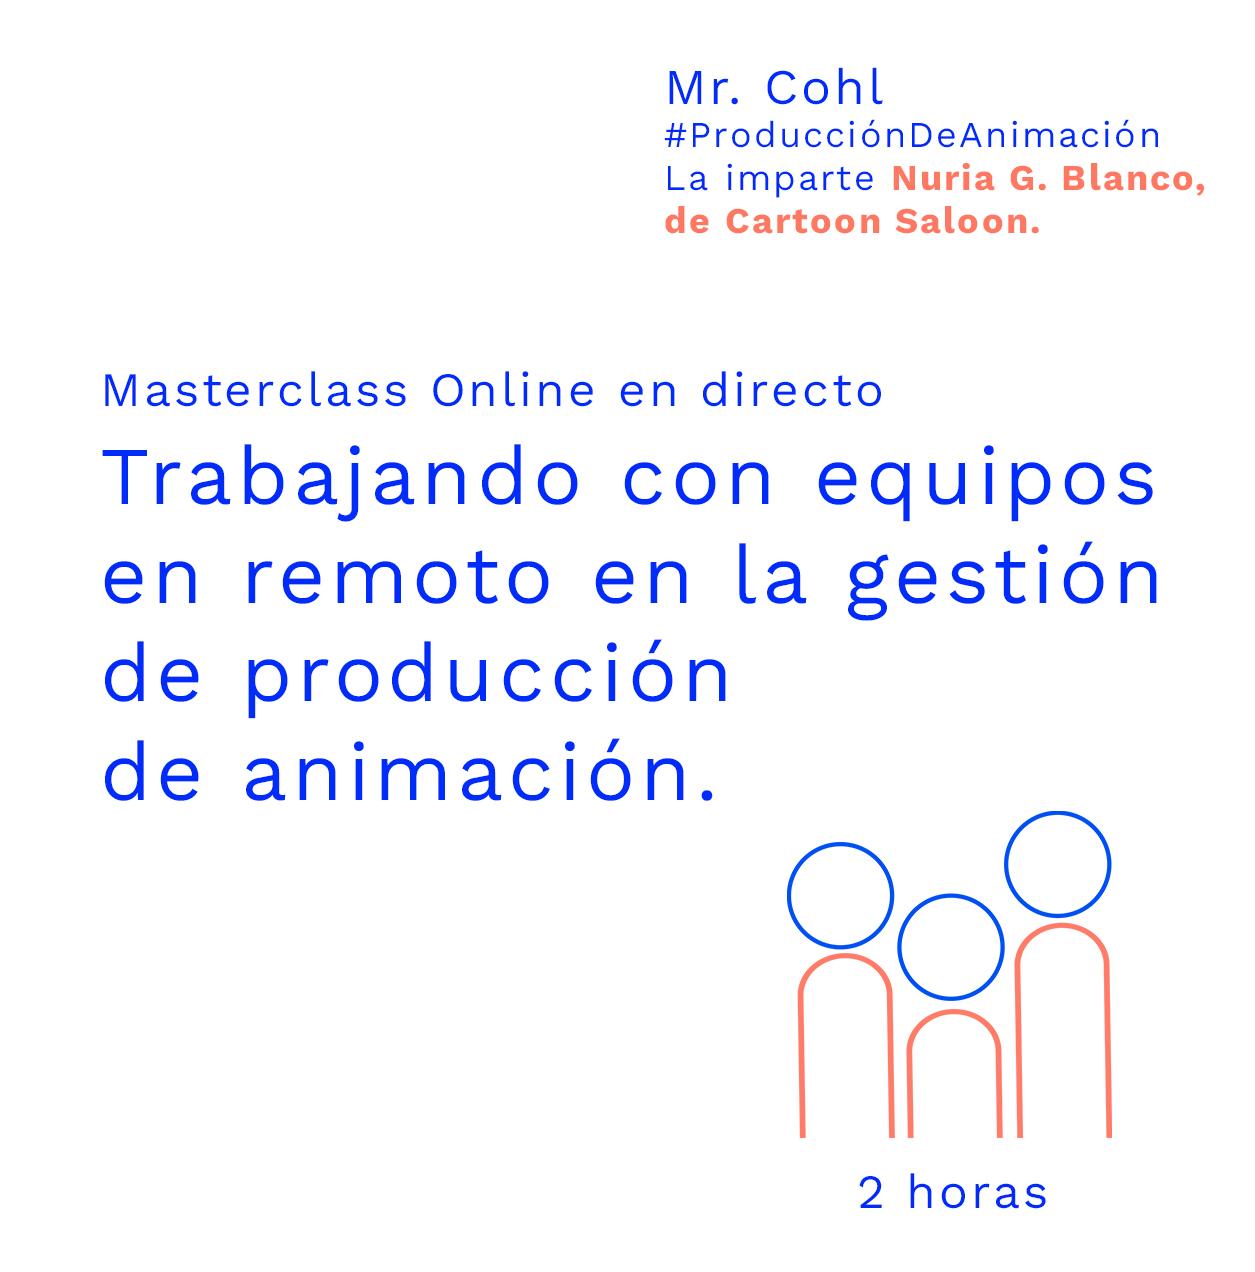 Trabajando con equipos en remoto en la gestión de producción de animación